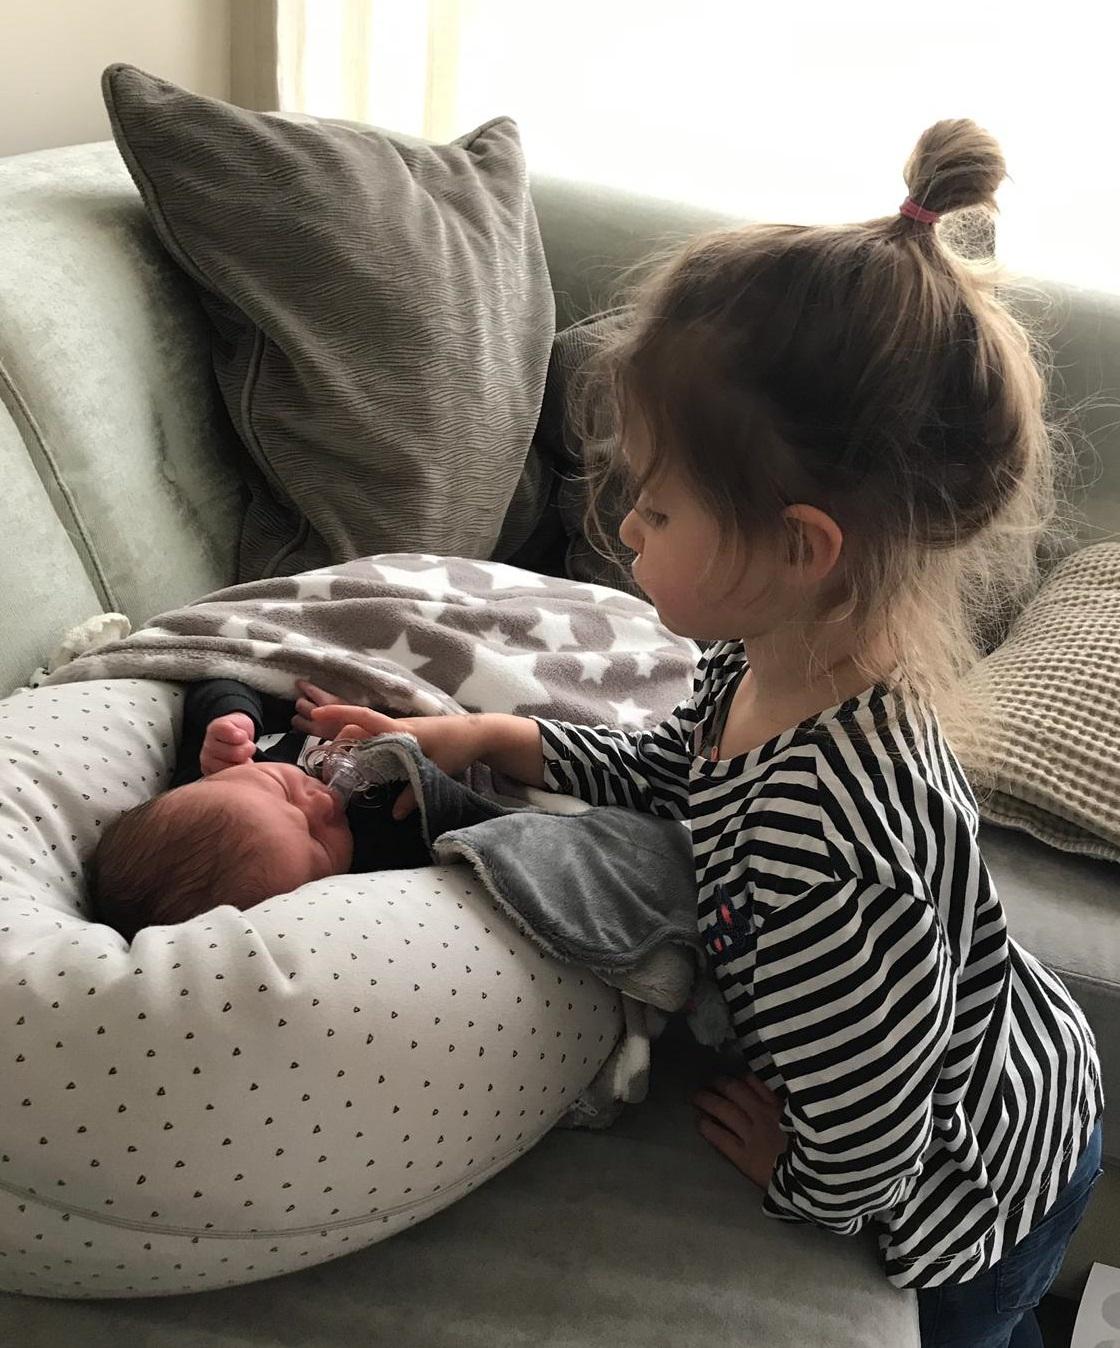 Roselinda Kraamzorg - baby foto